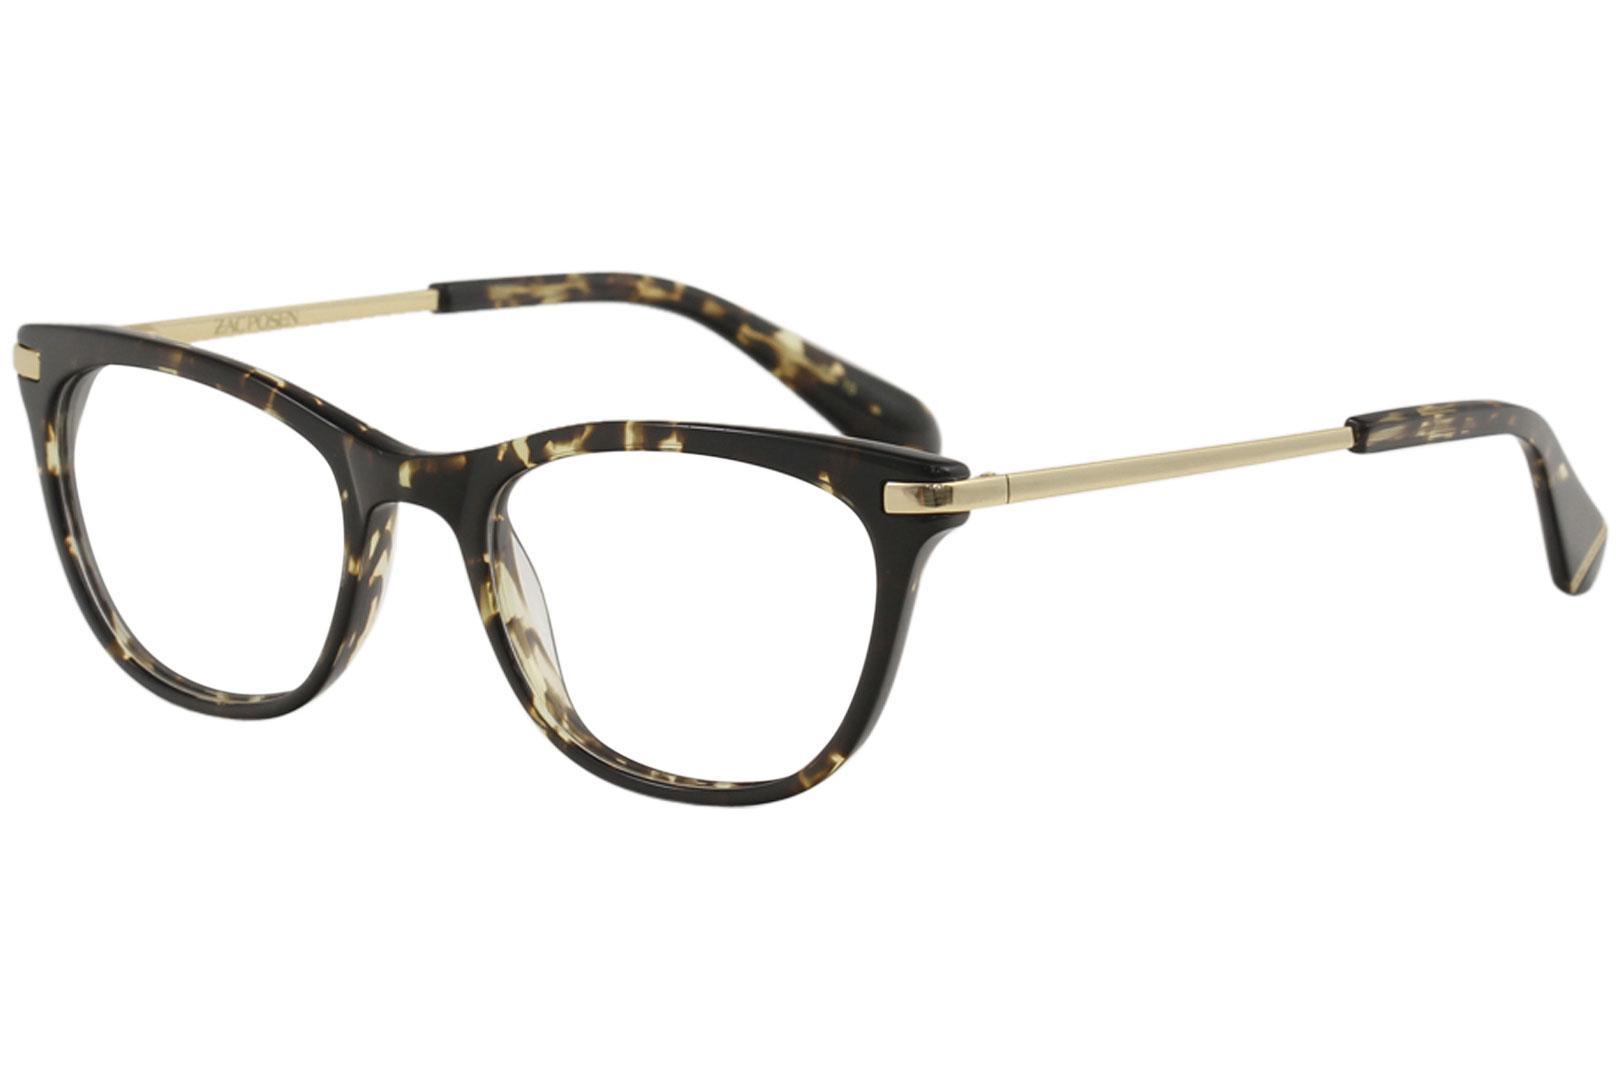 Image of Zac Posen Women's Eyeglasses Gladys Full Rim Optical Frame - Black - Lens 49 Bridge 19 Temple 140mm